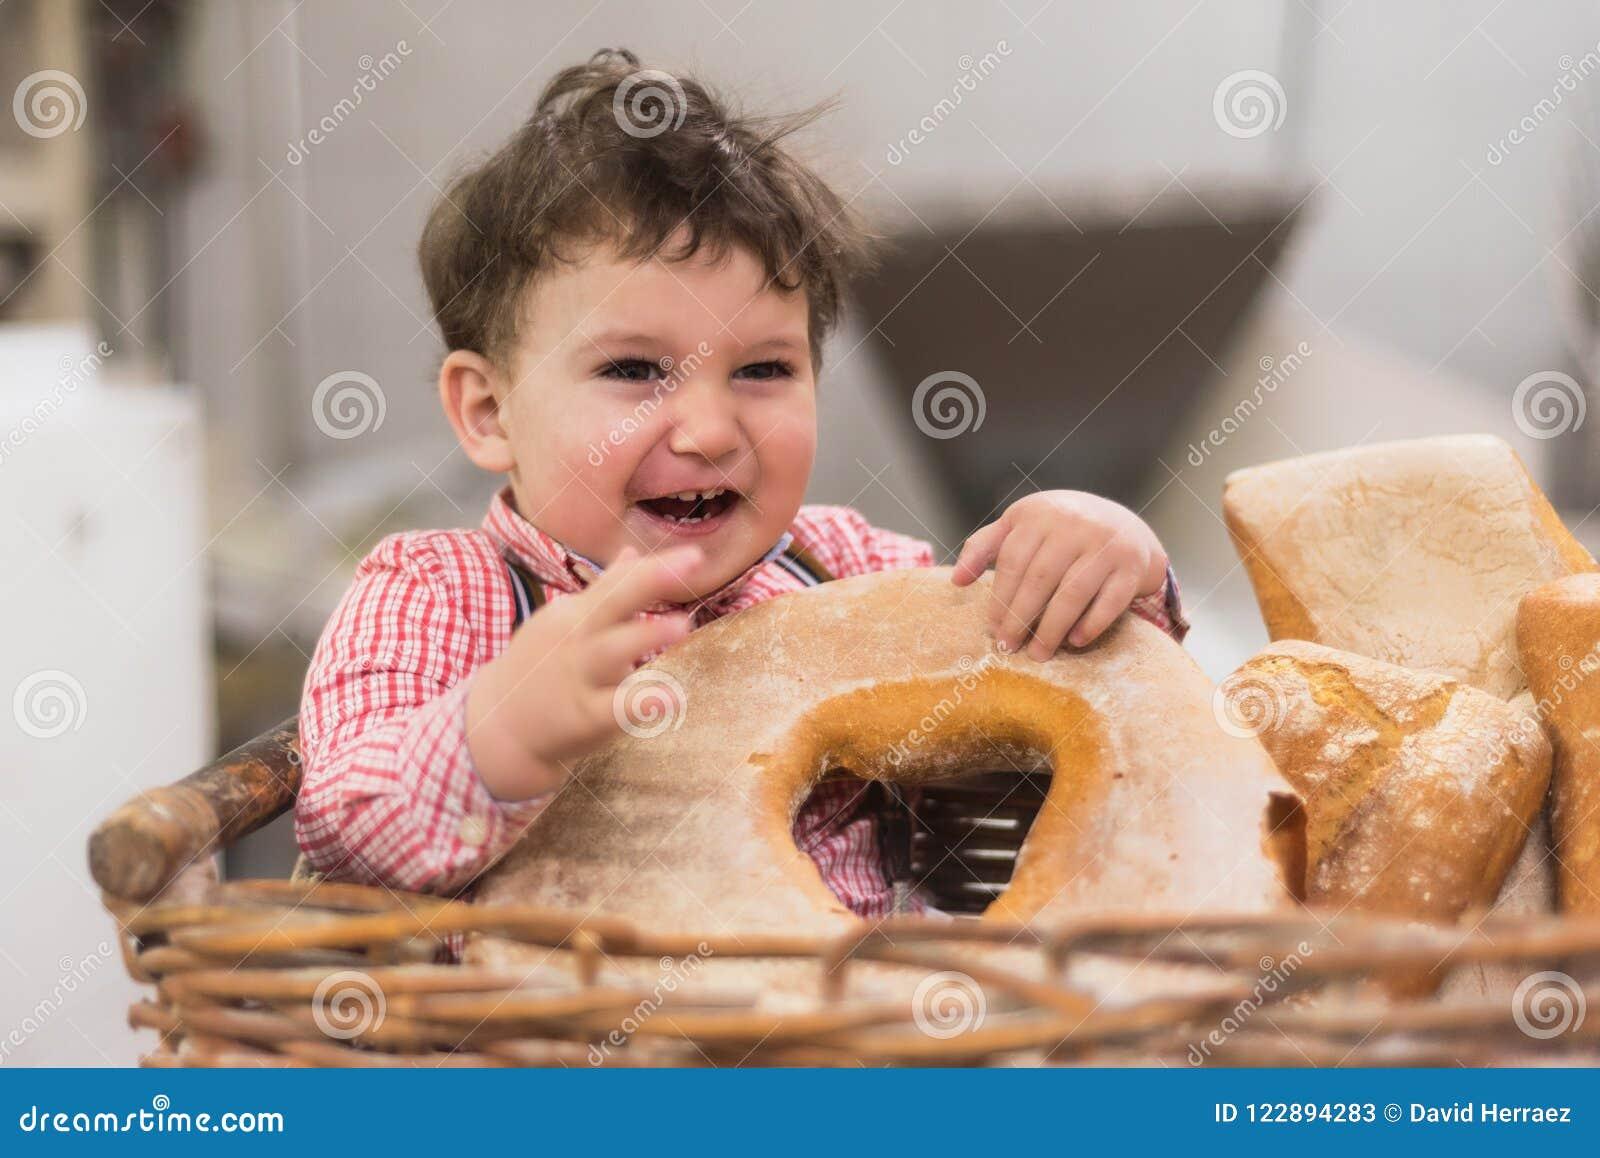 Retrato de um bebê bonito dentro de uma cesta com pão na padaria